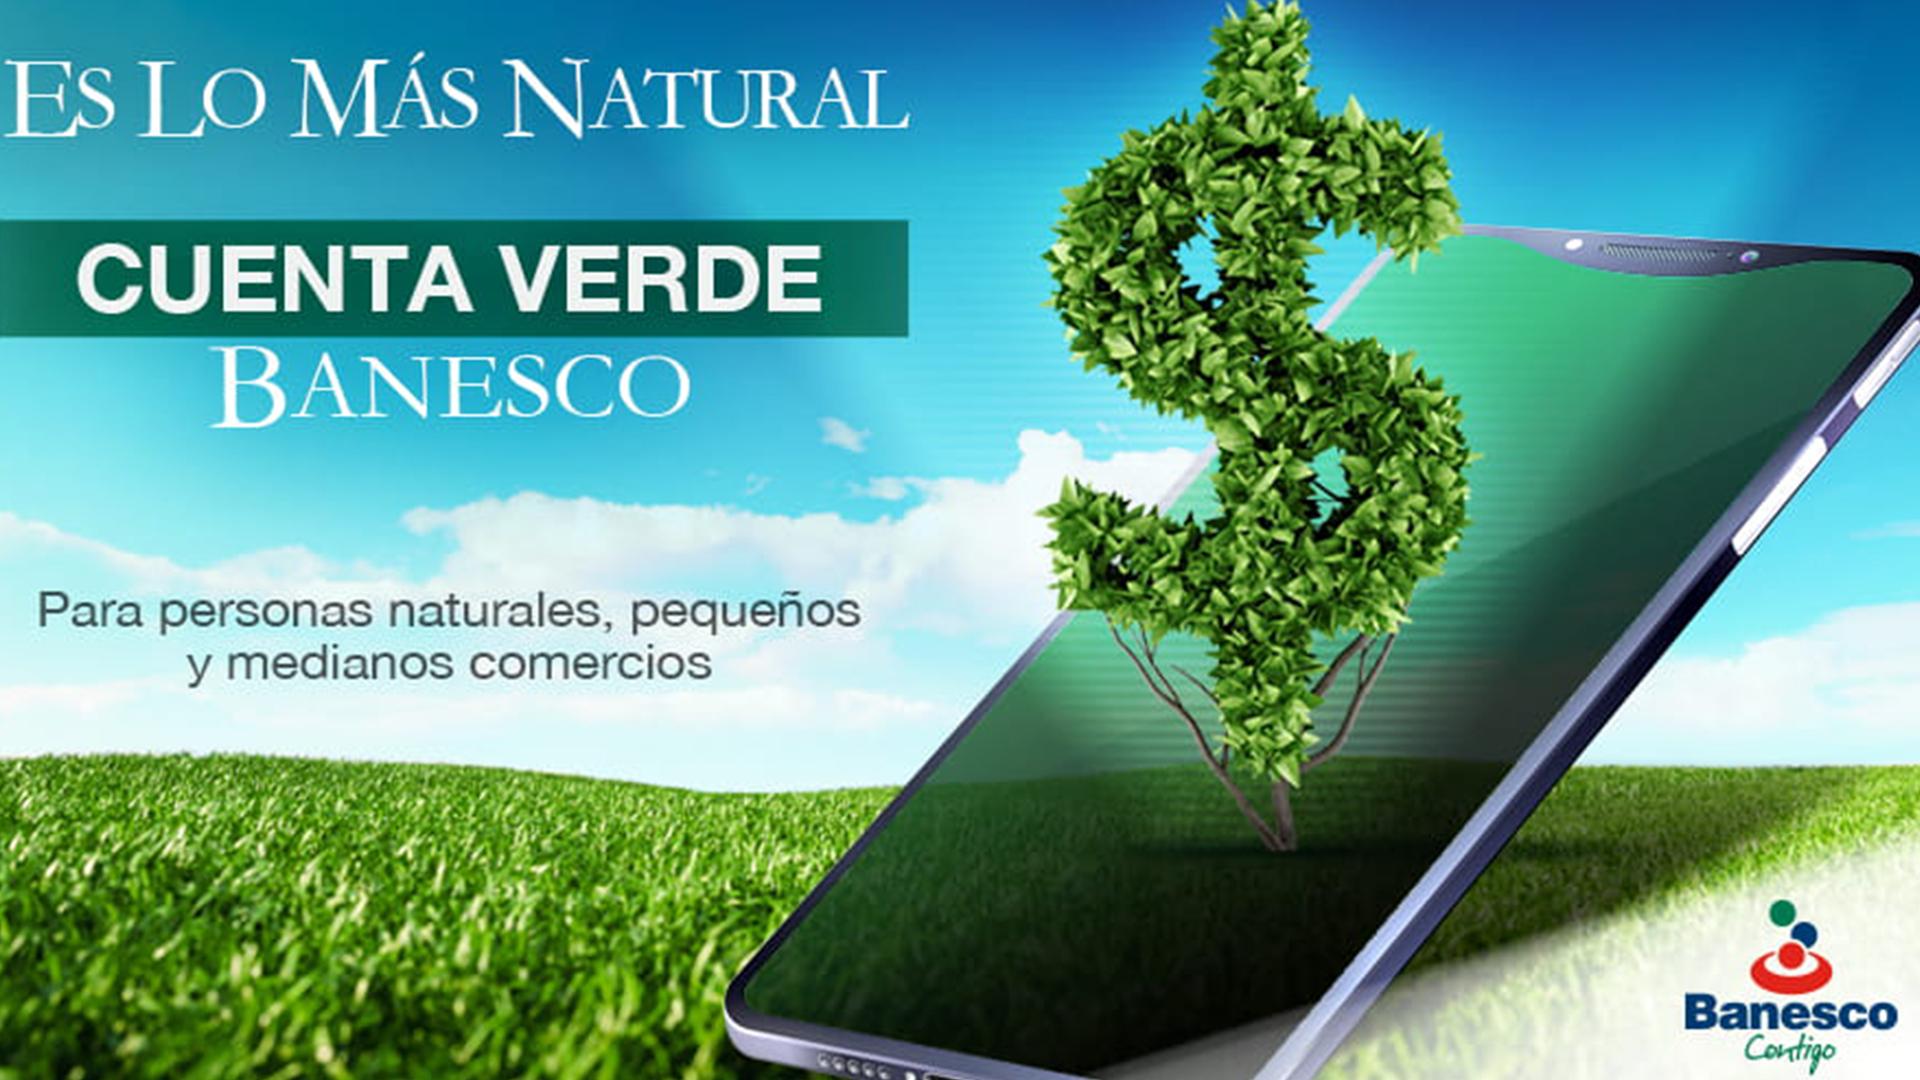 Clientes de Banesco podrán abrir cuentas en dólares en sistema bancario nacional